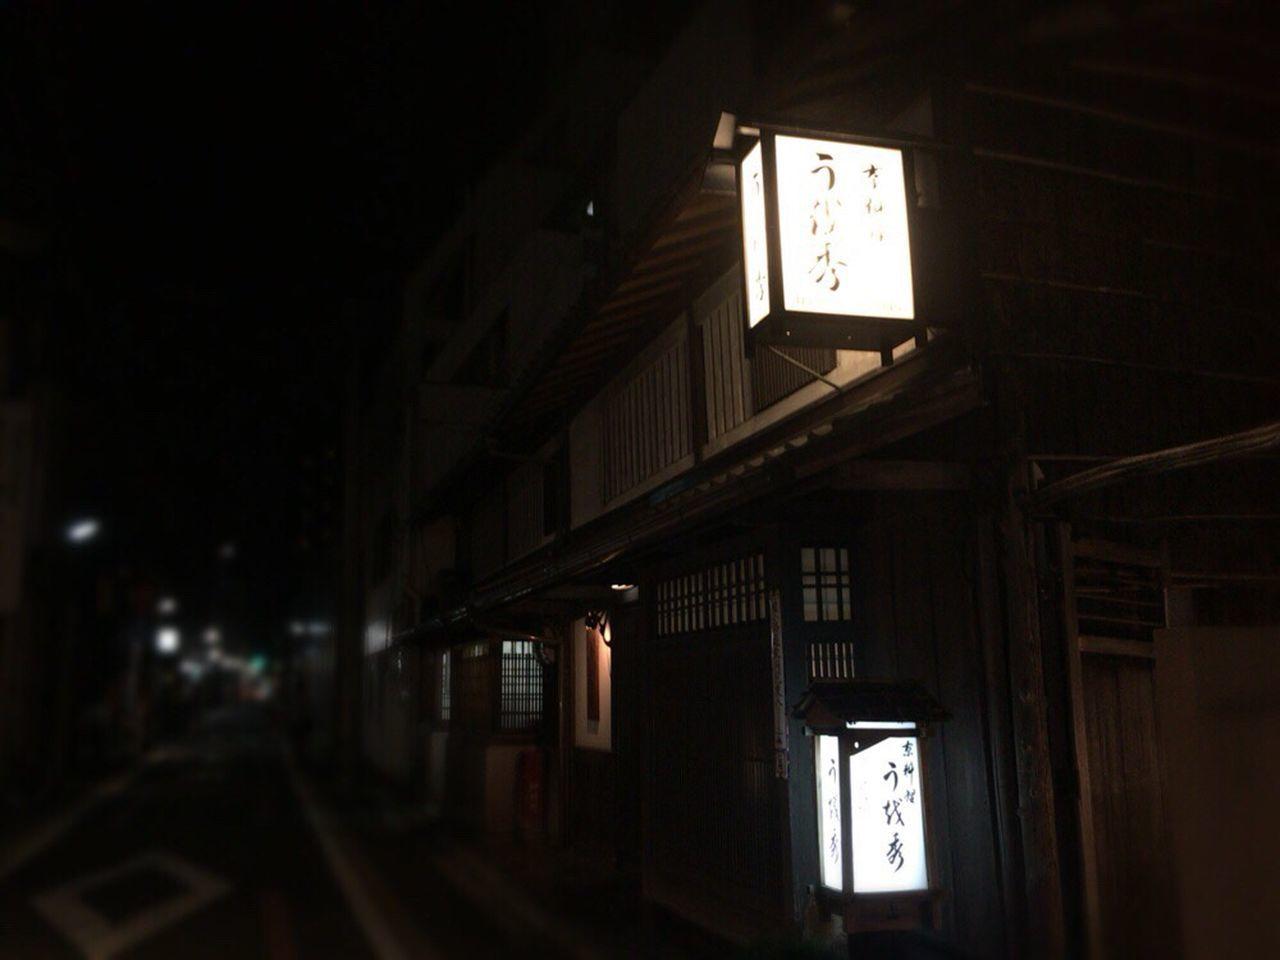 Kyoto Matiya Kyoto Ombre Kyoto,japan Kyoto Night Street Kyoto Night Kyoto Noir Nuitt Kyoto Japan Kyoto Izakaya Kyoto NIght Lights Kyoto Lantern Kyoto Lamps Kyoto Fantastic